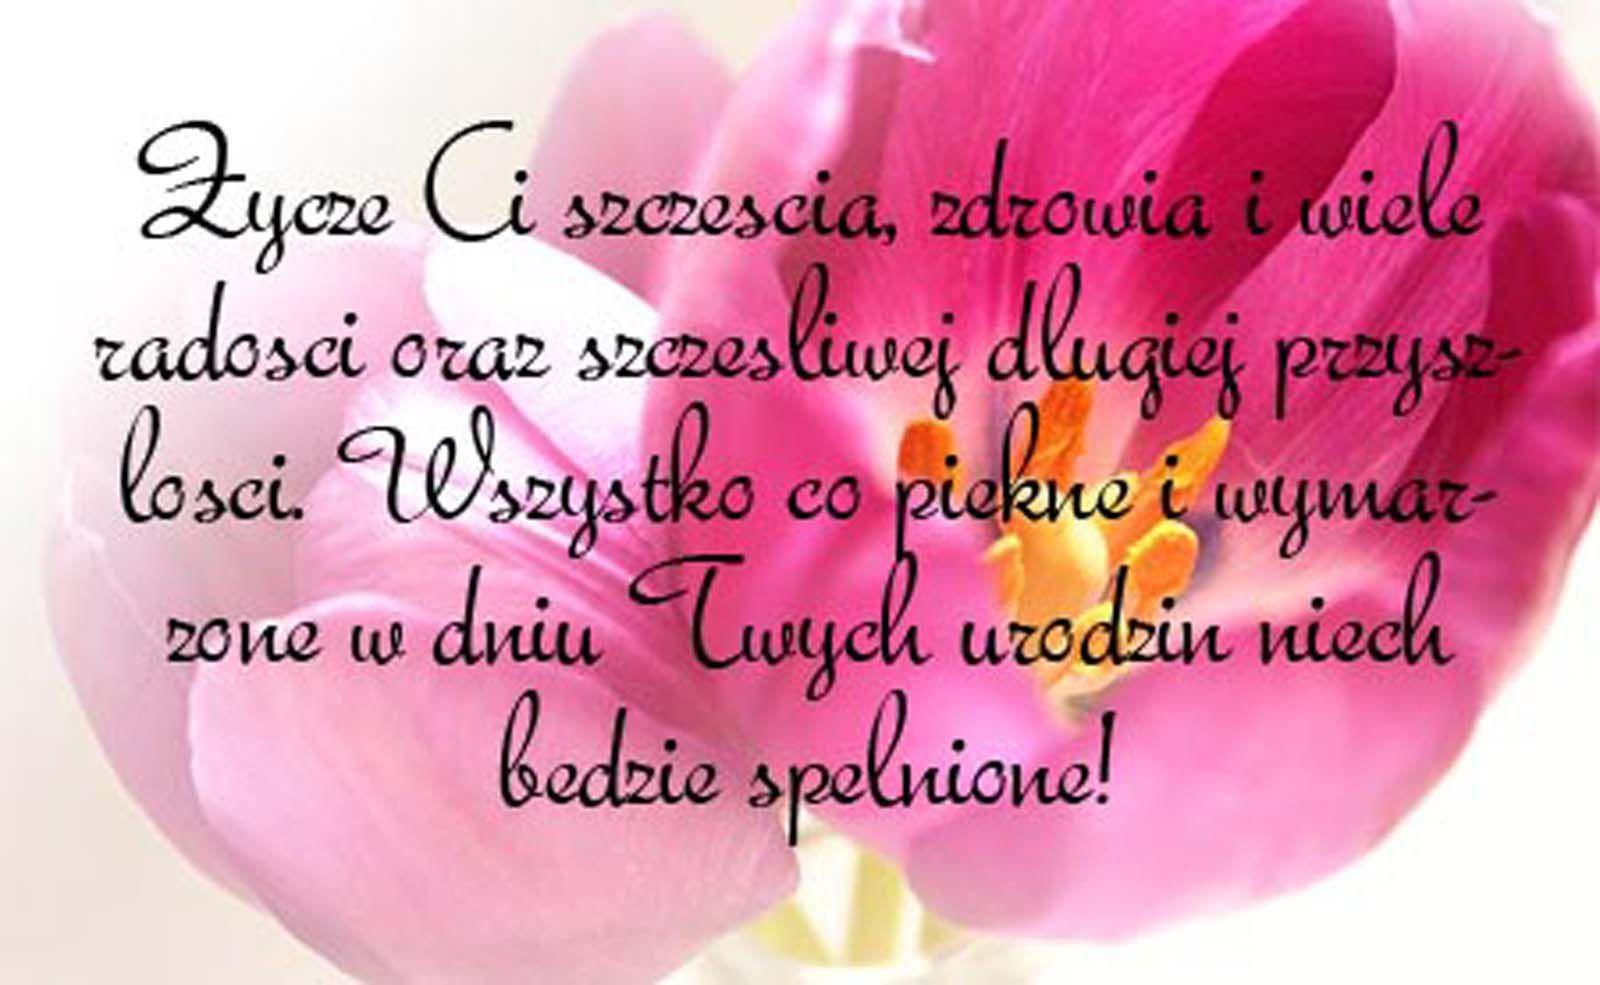 Geburtstagswunsche Auf Polnische Elegant Alles Gute Zum Geburtstag